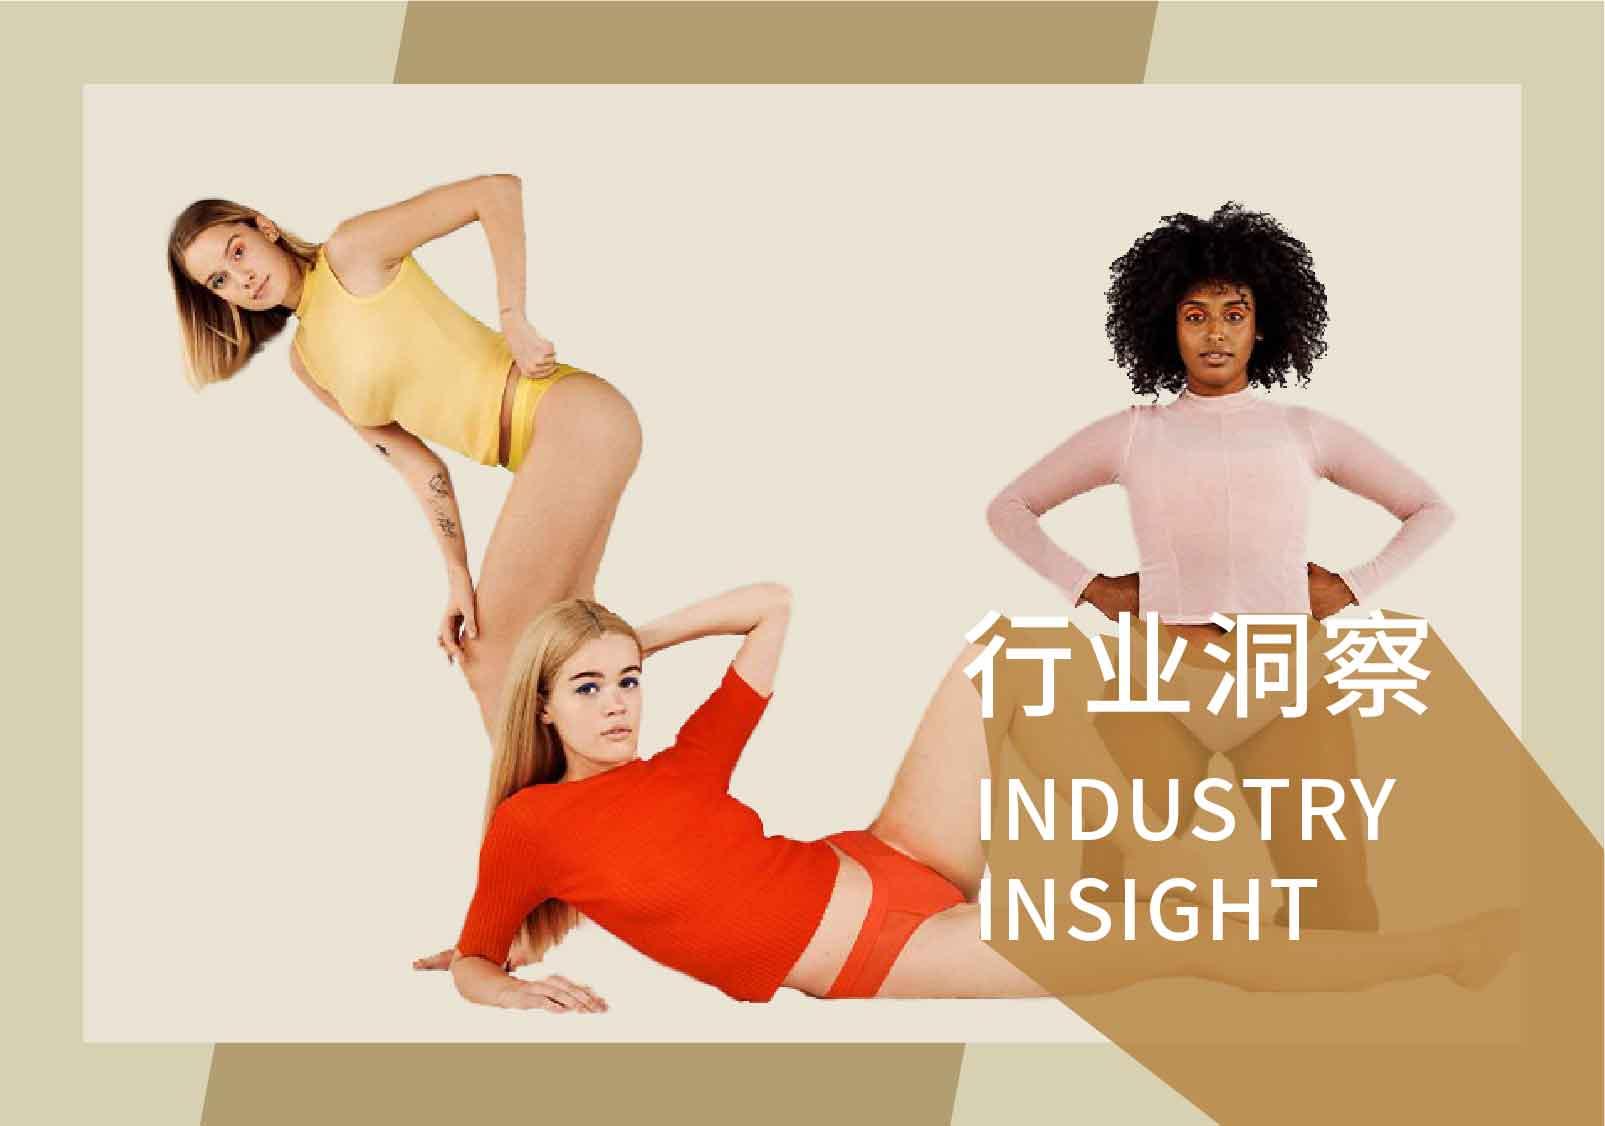 健康悦己——内衣行业趋势洞察